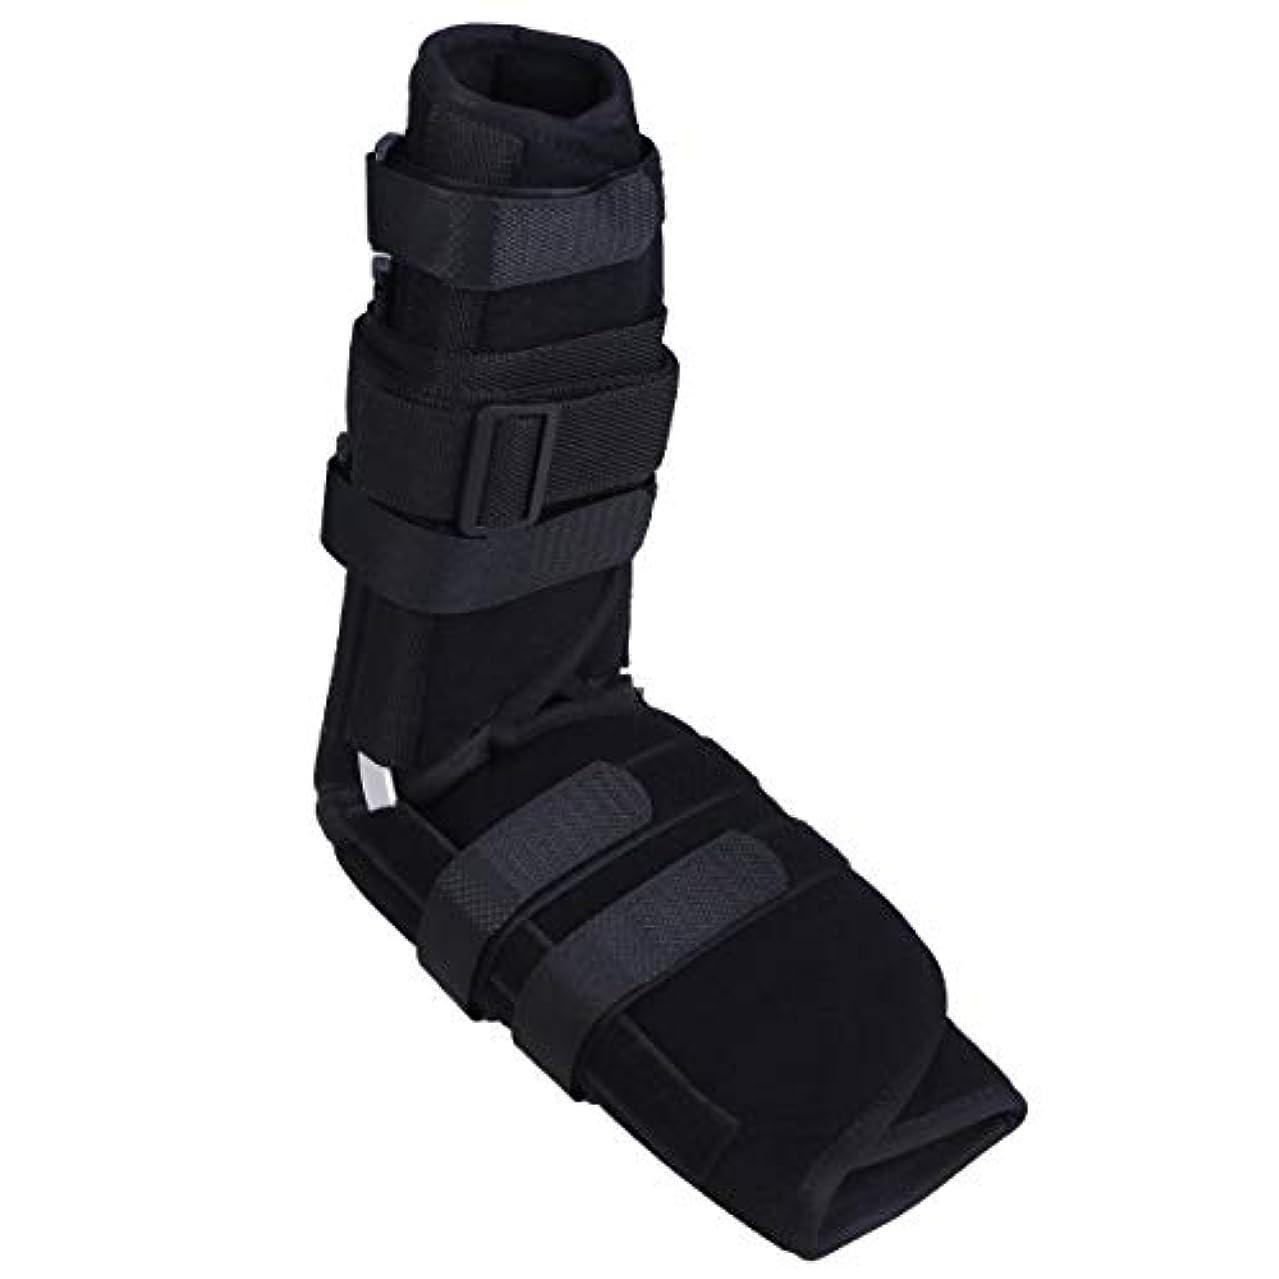 バージン石北Healifty アームスリング前腕人間工学に基づいた通気性調整可能な肘壊れた手首骨折した腕サポートベルト男性女性サイズm